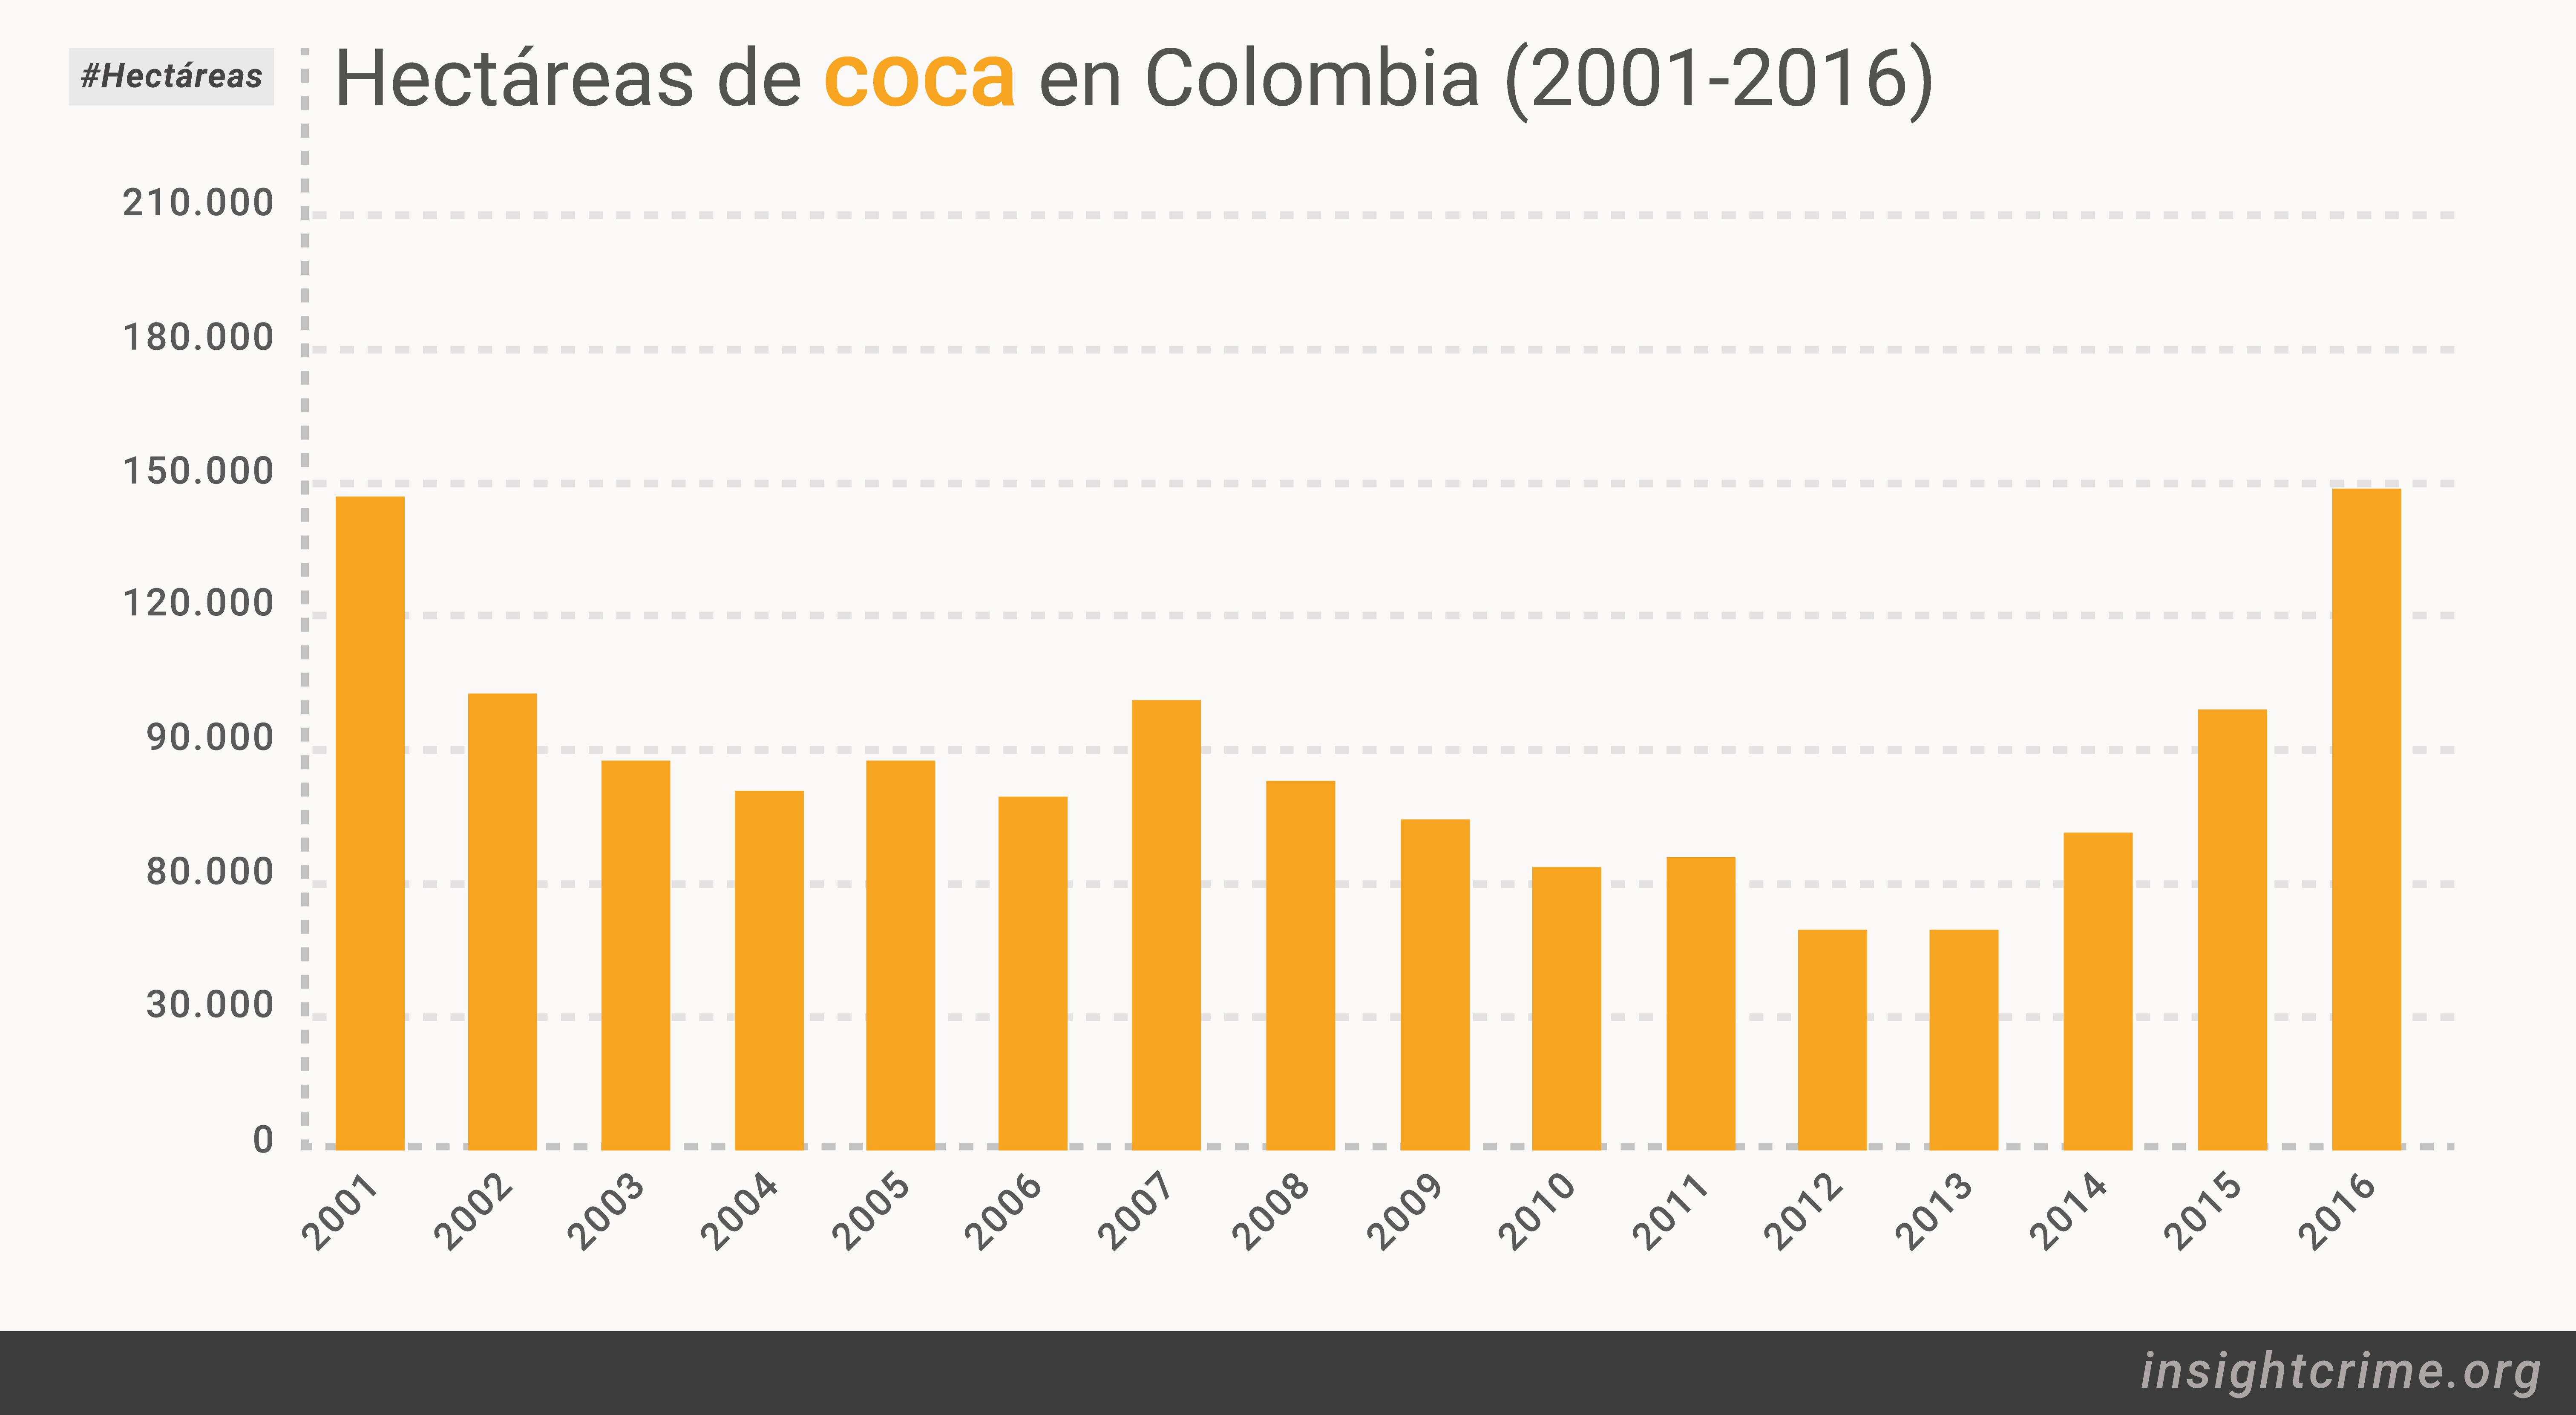 17 07 18 Hectareas de coca en Colombia